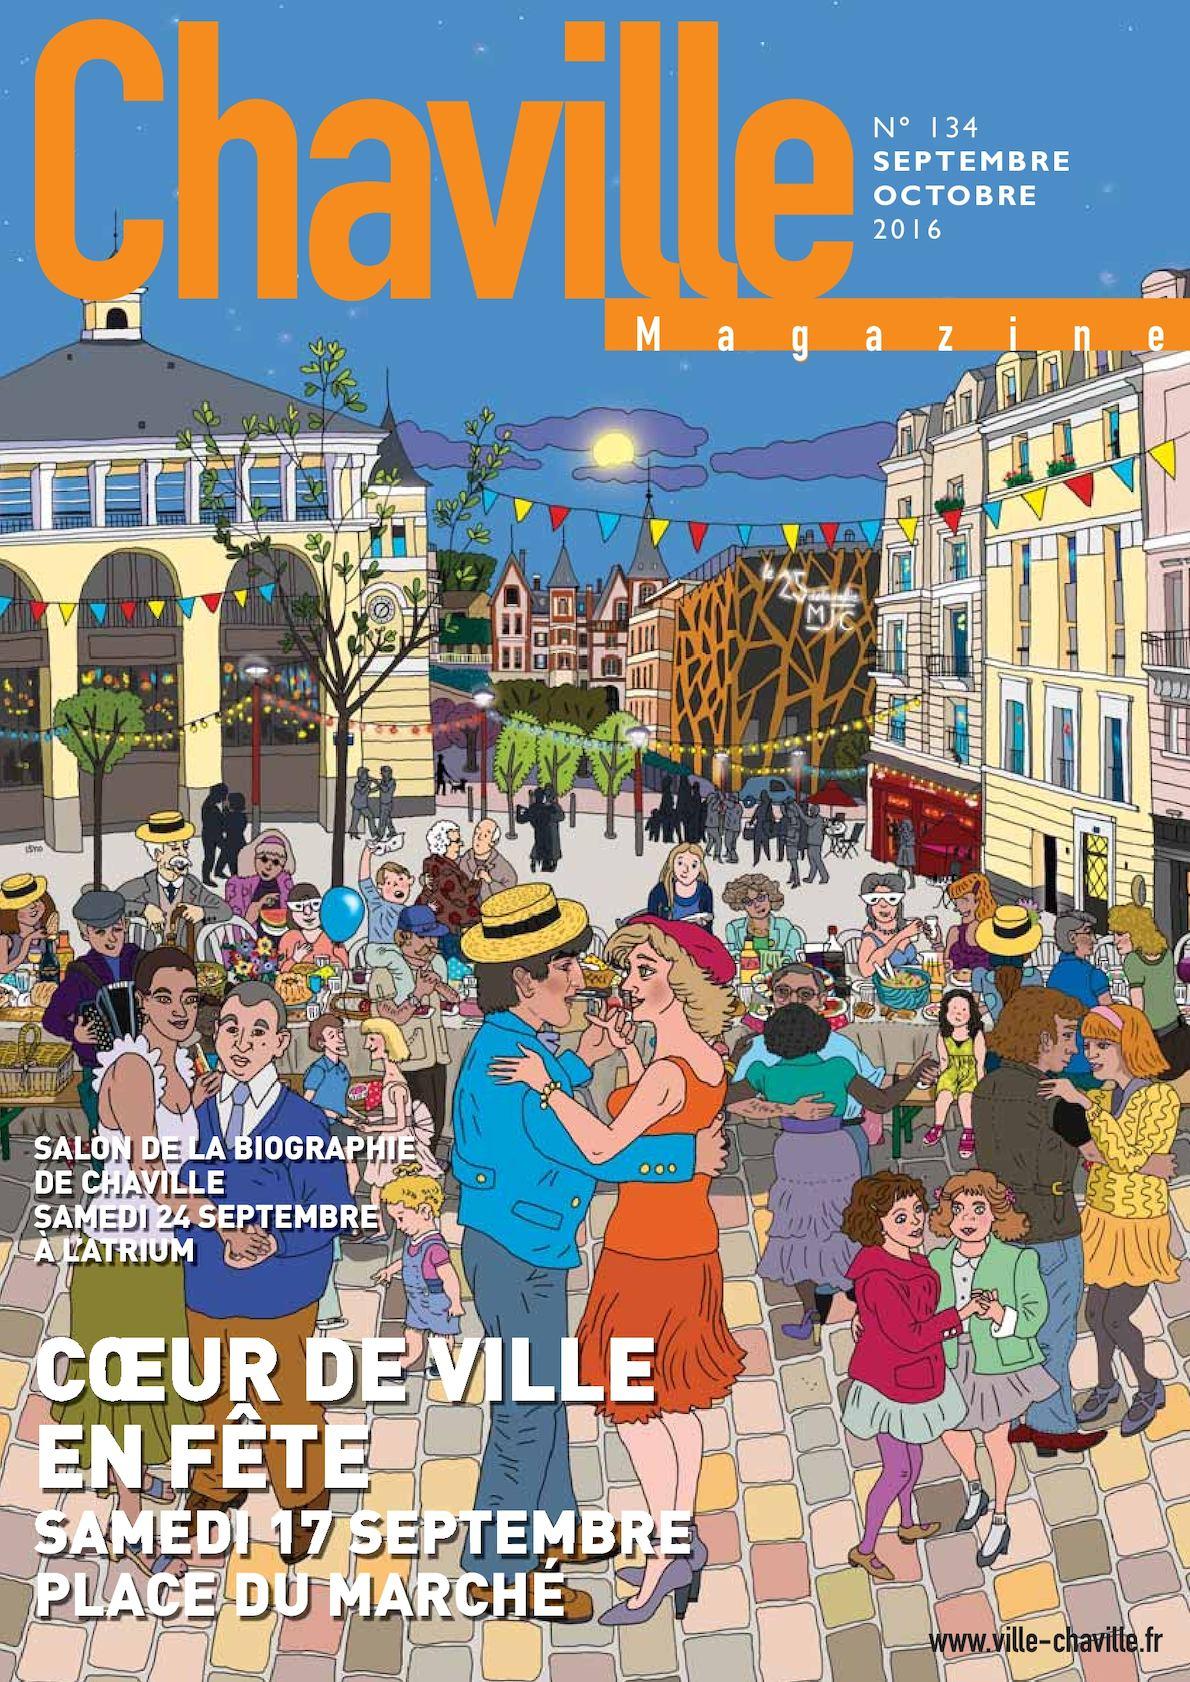 Les Sens Du Bien Etre Chaville calaméo - chaville magazine 134